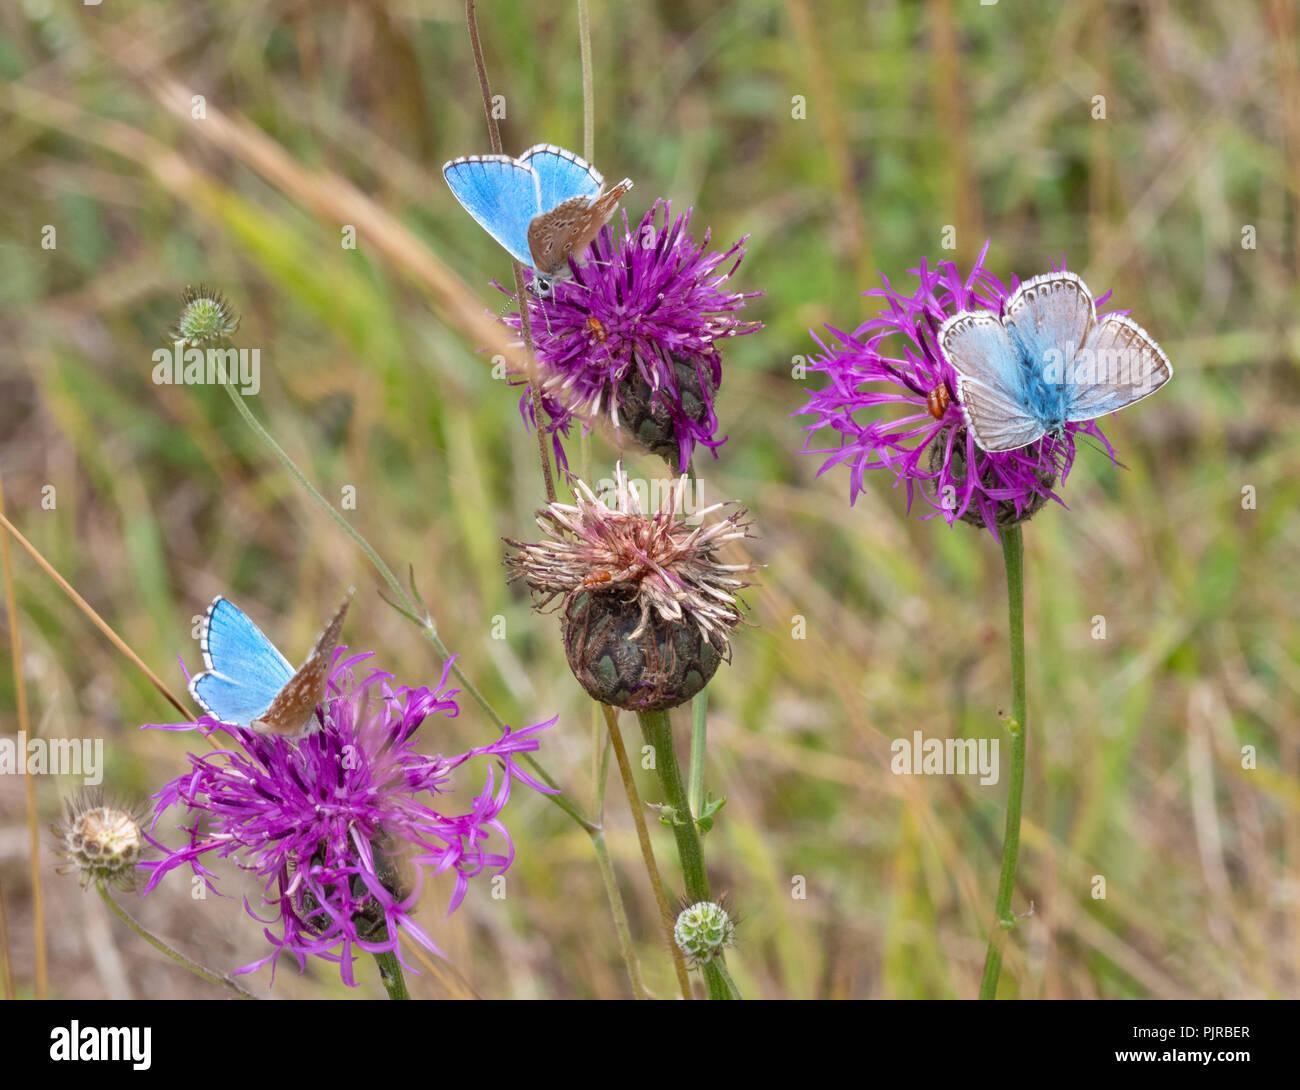 Deux adonis blue butterfly les hommes, et une chalkhill blue mâle à un papillon d'une réserve de conservation sur calcaire jurassique dans le Gloucestershire UK Photo Stock